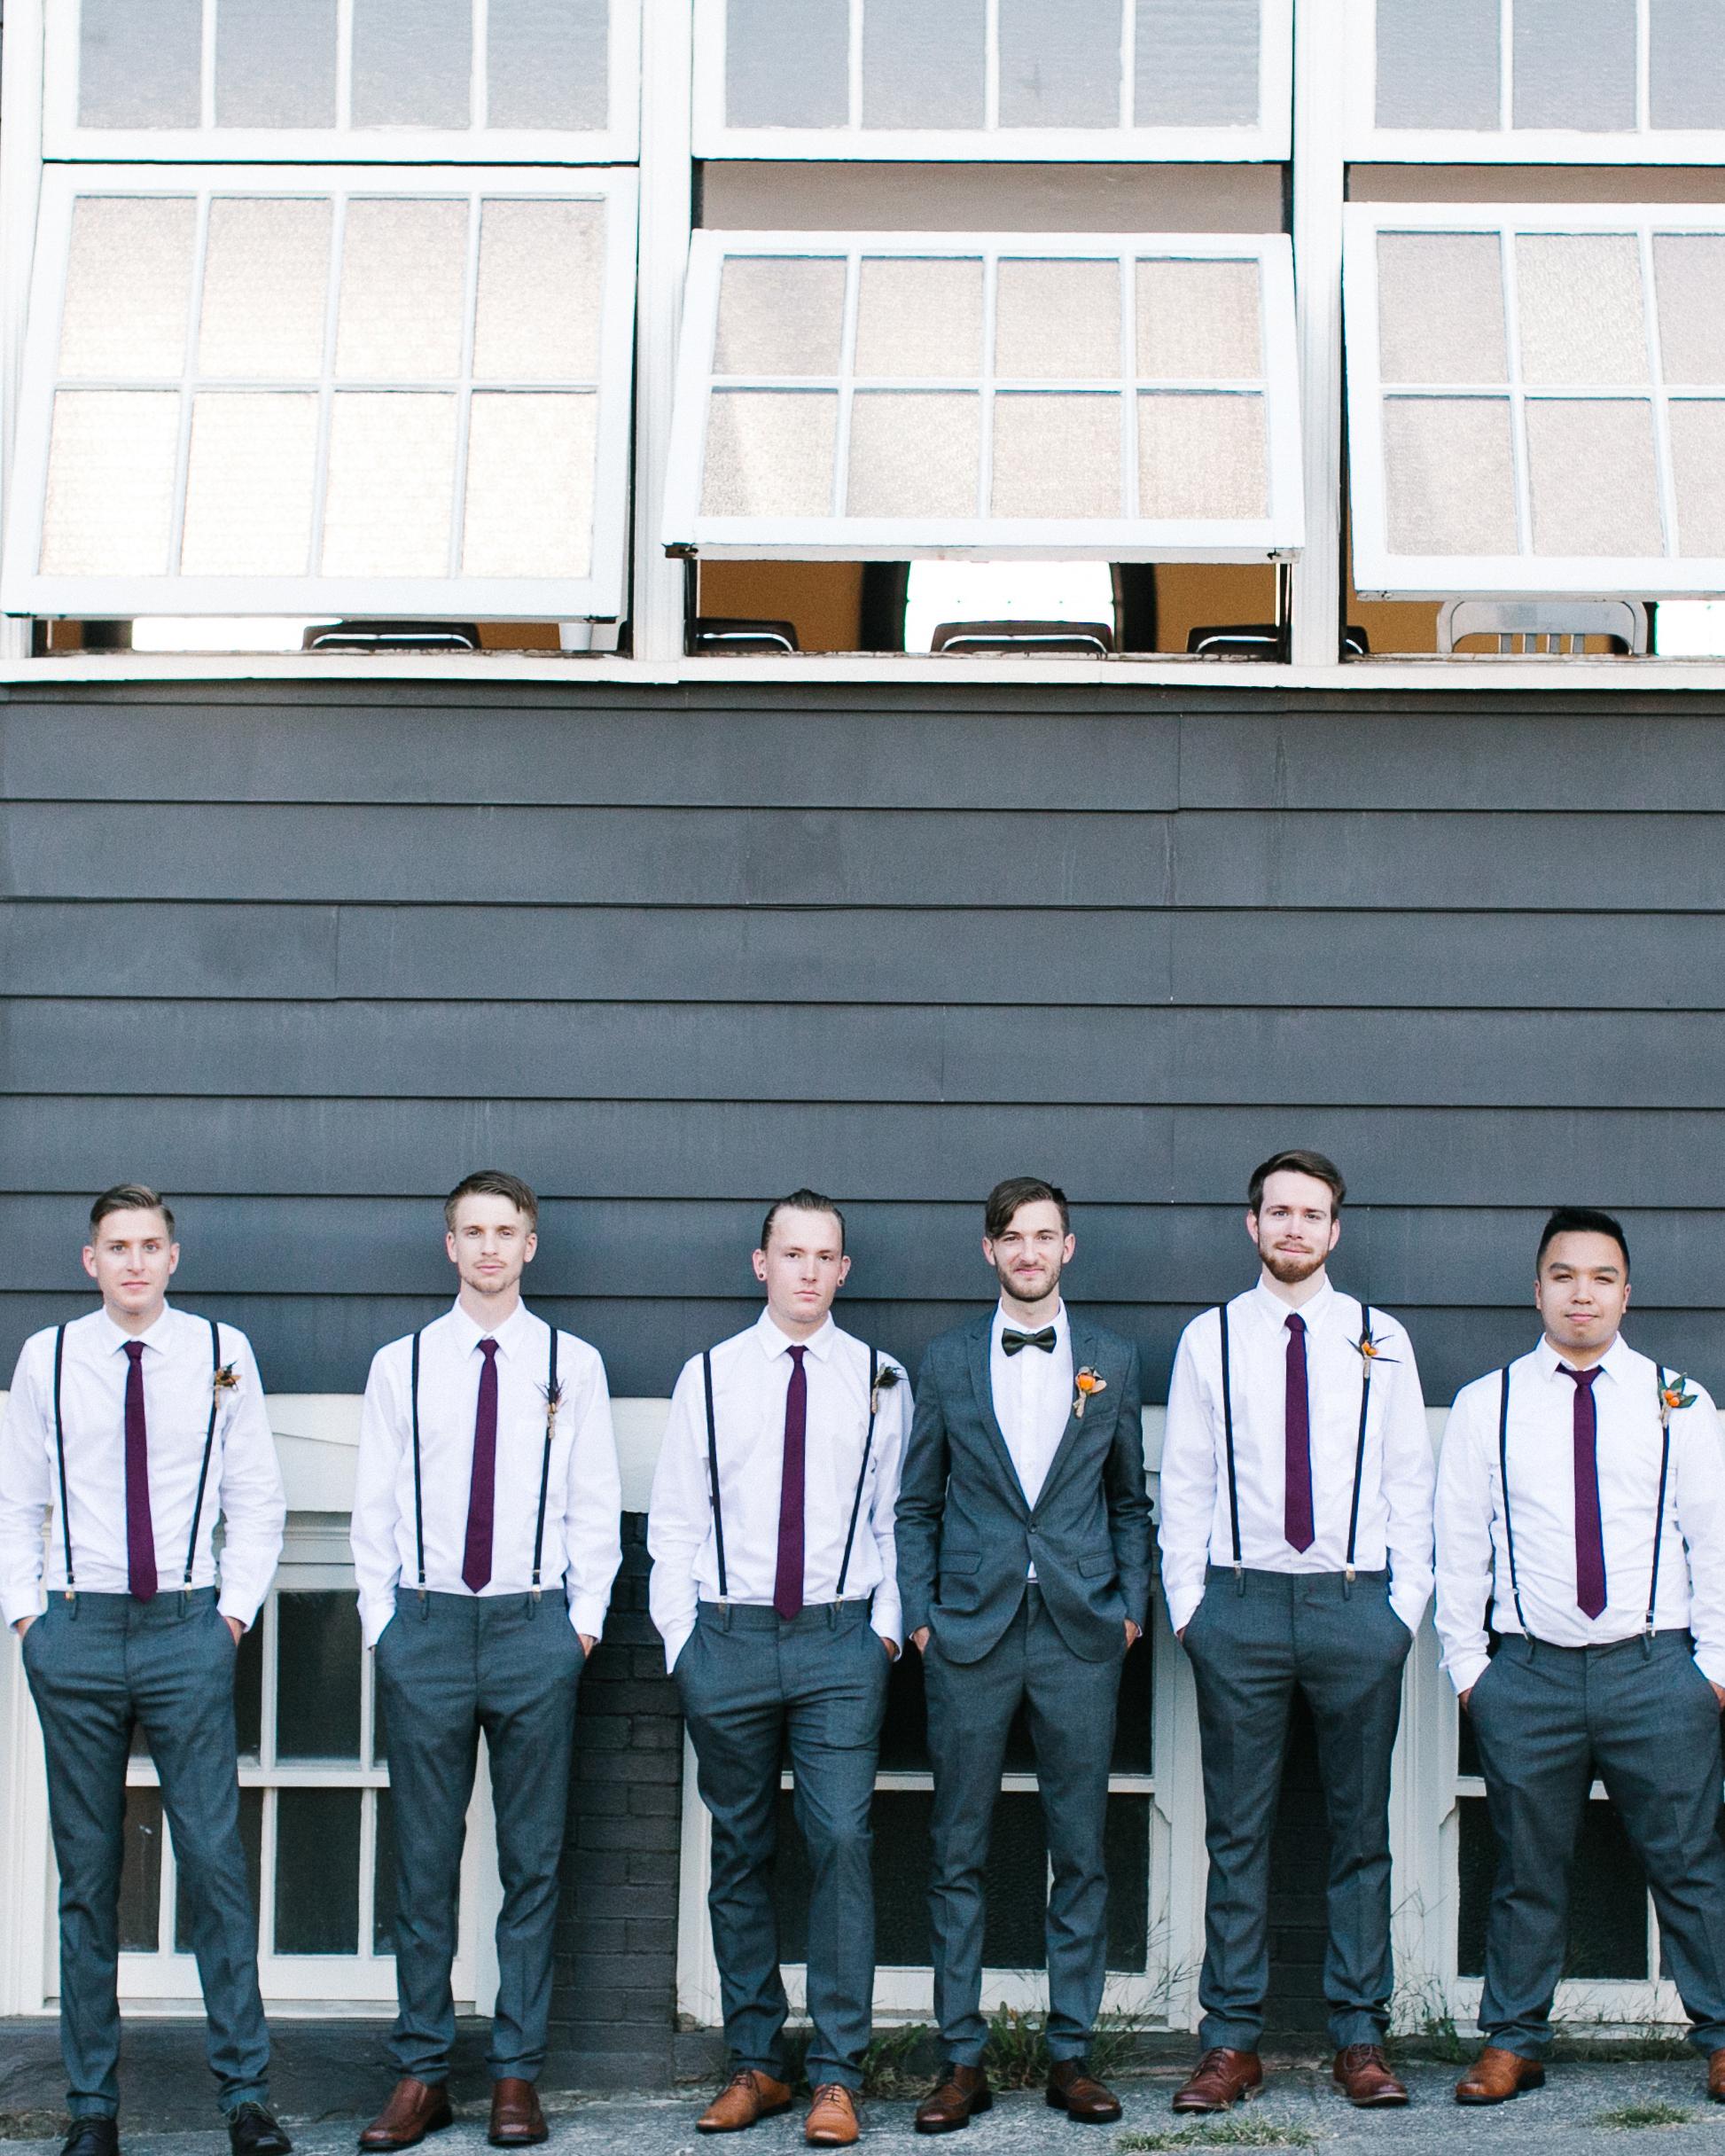 marguerita-aaron-wedding-groomsmen-217-s111848-0214.jpg